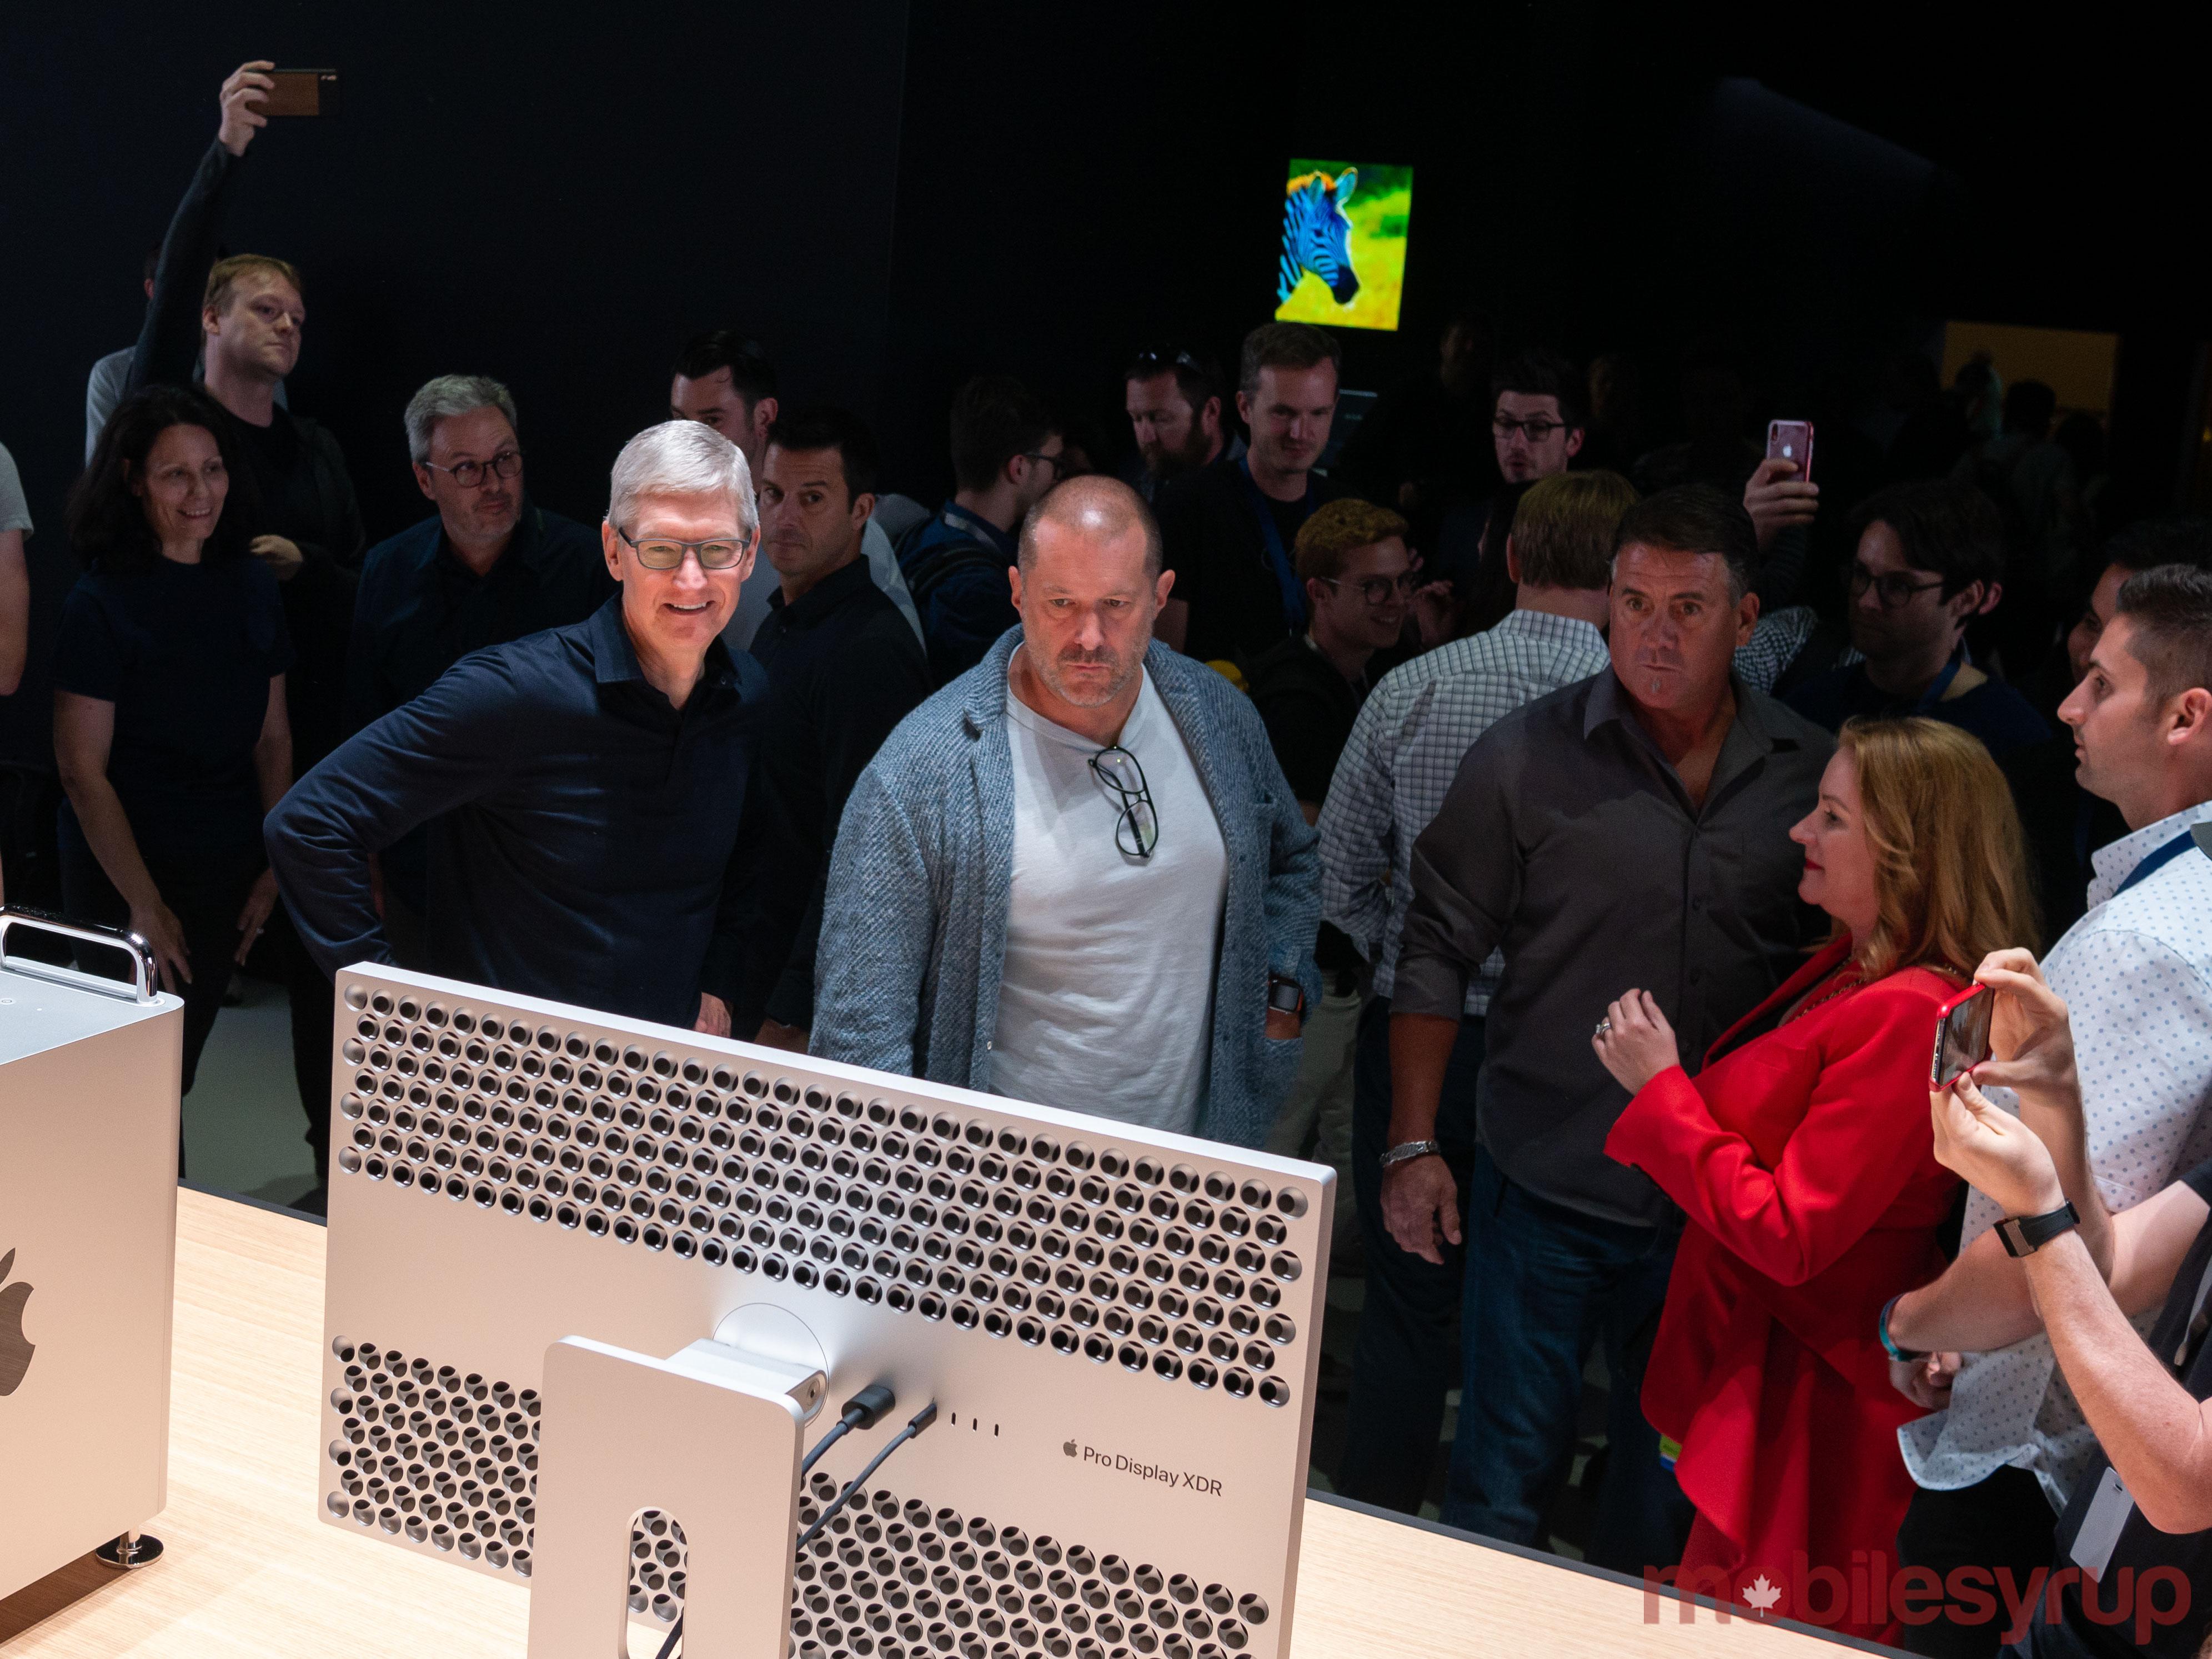 Tim Cook WWDC Mac Pro